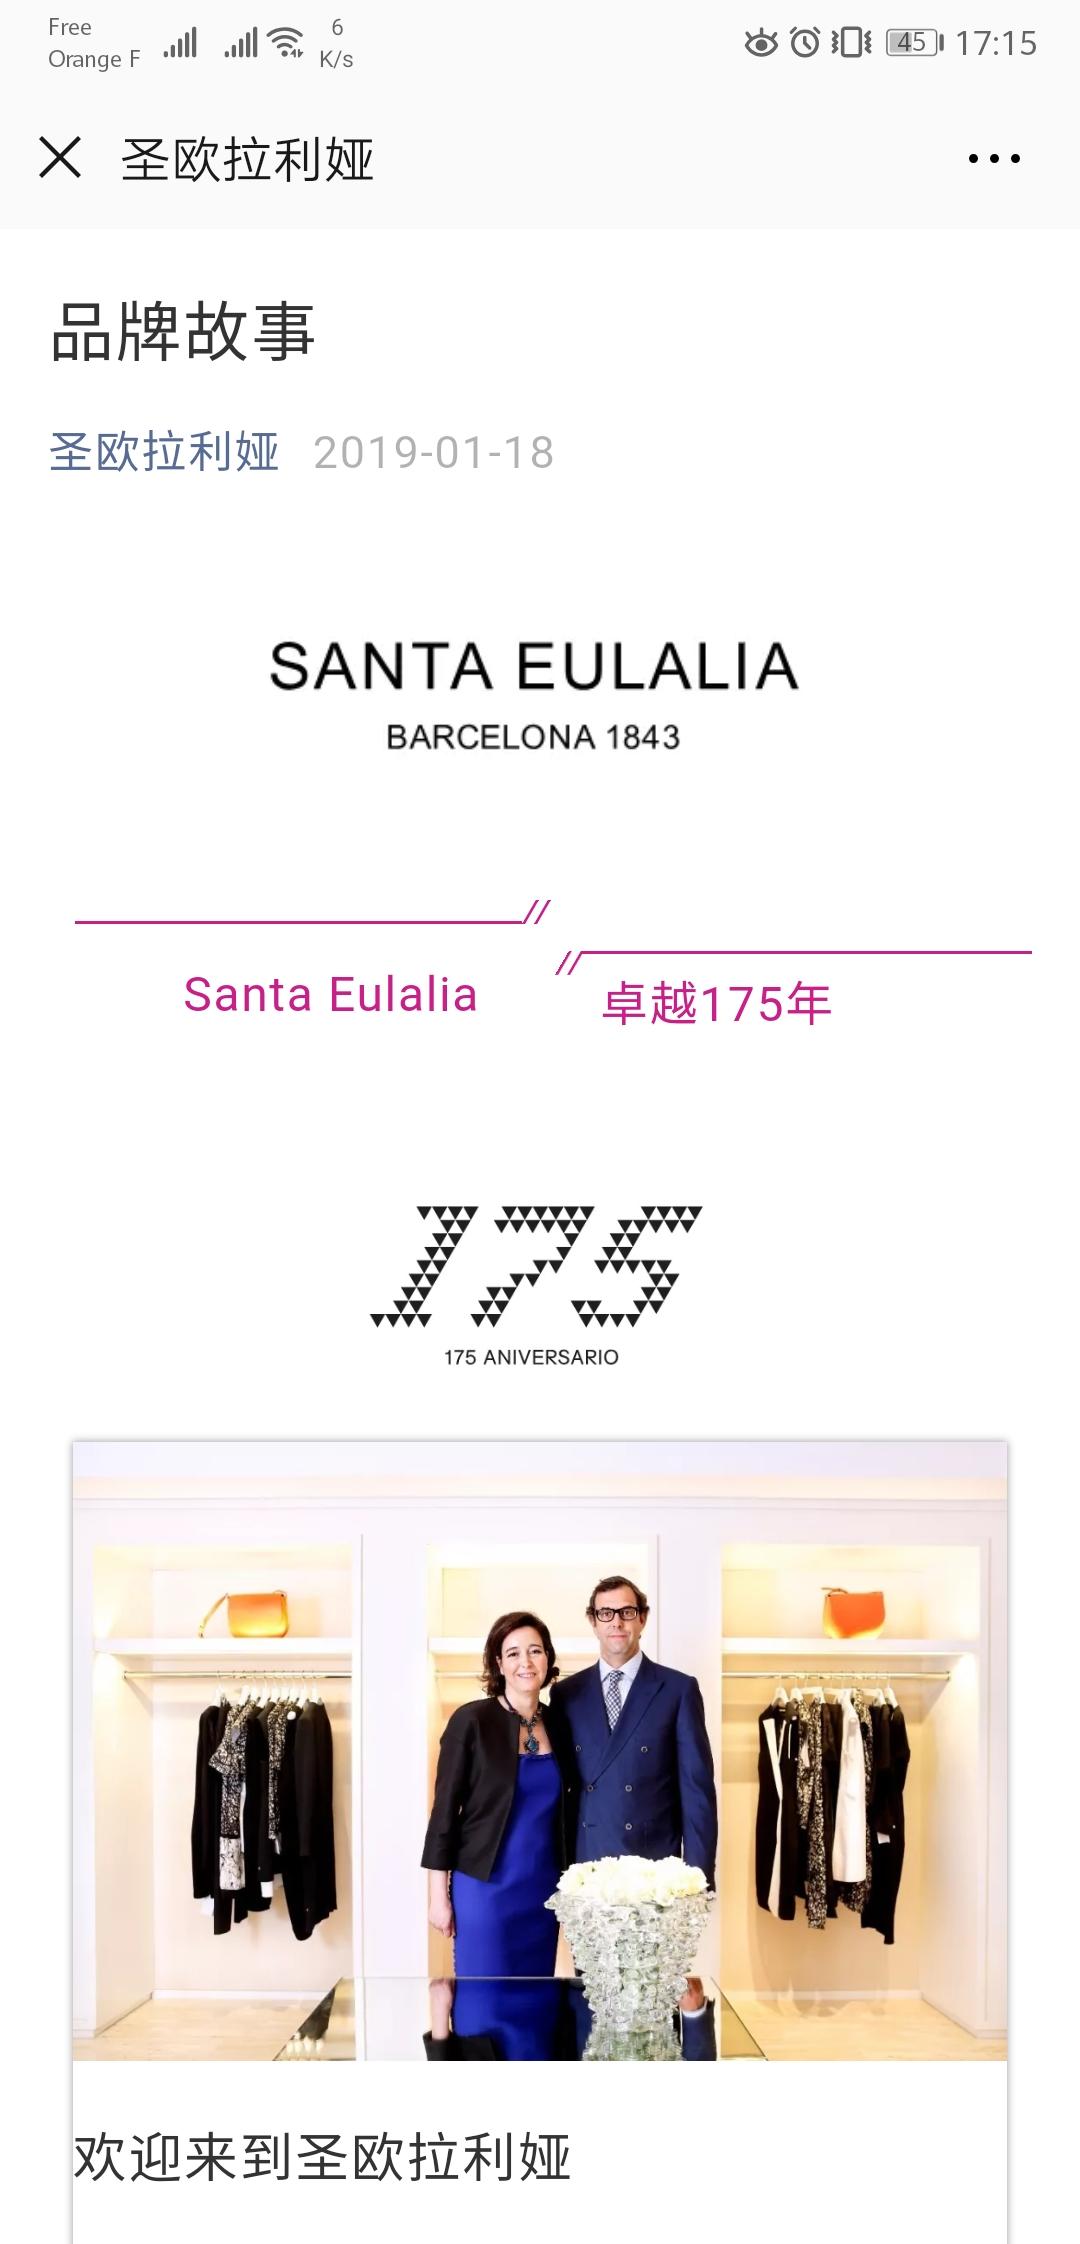 SANTA EULALIA WeChat account